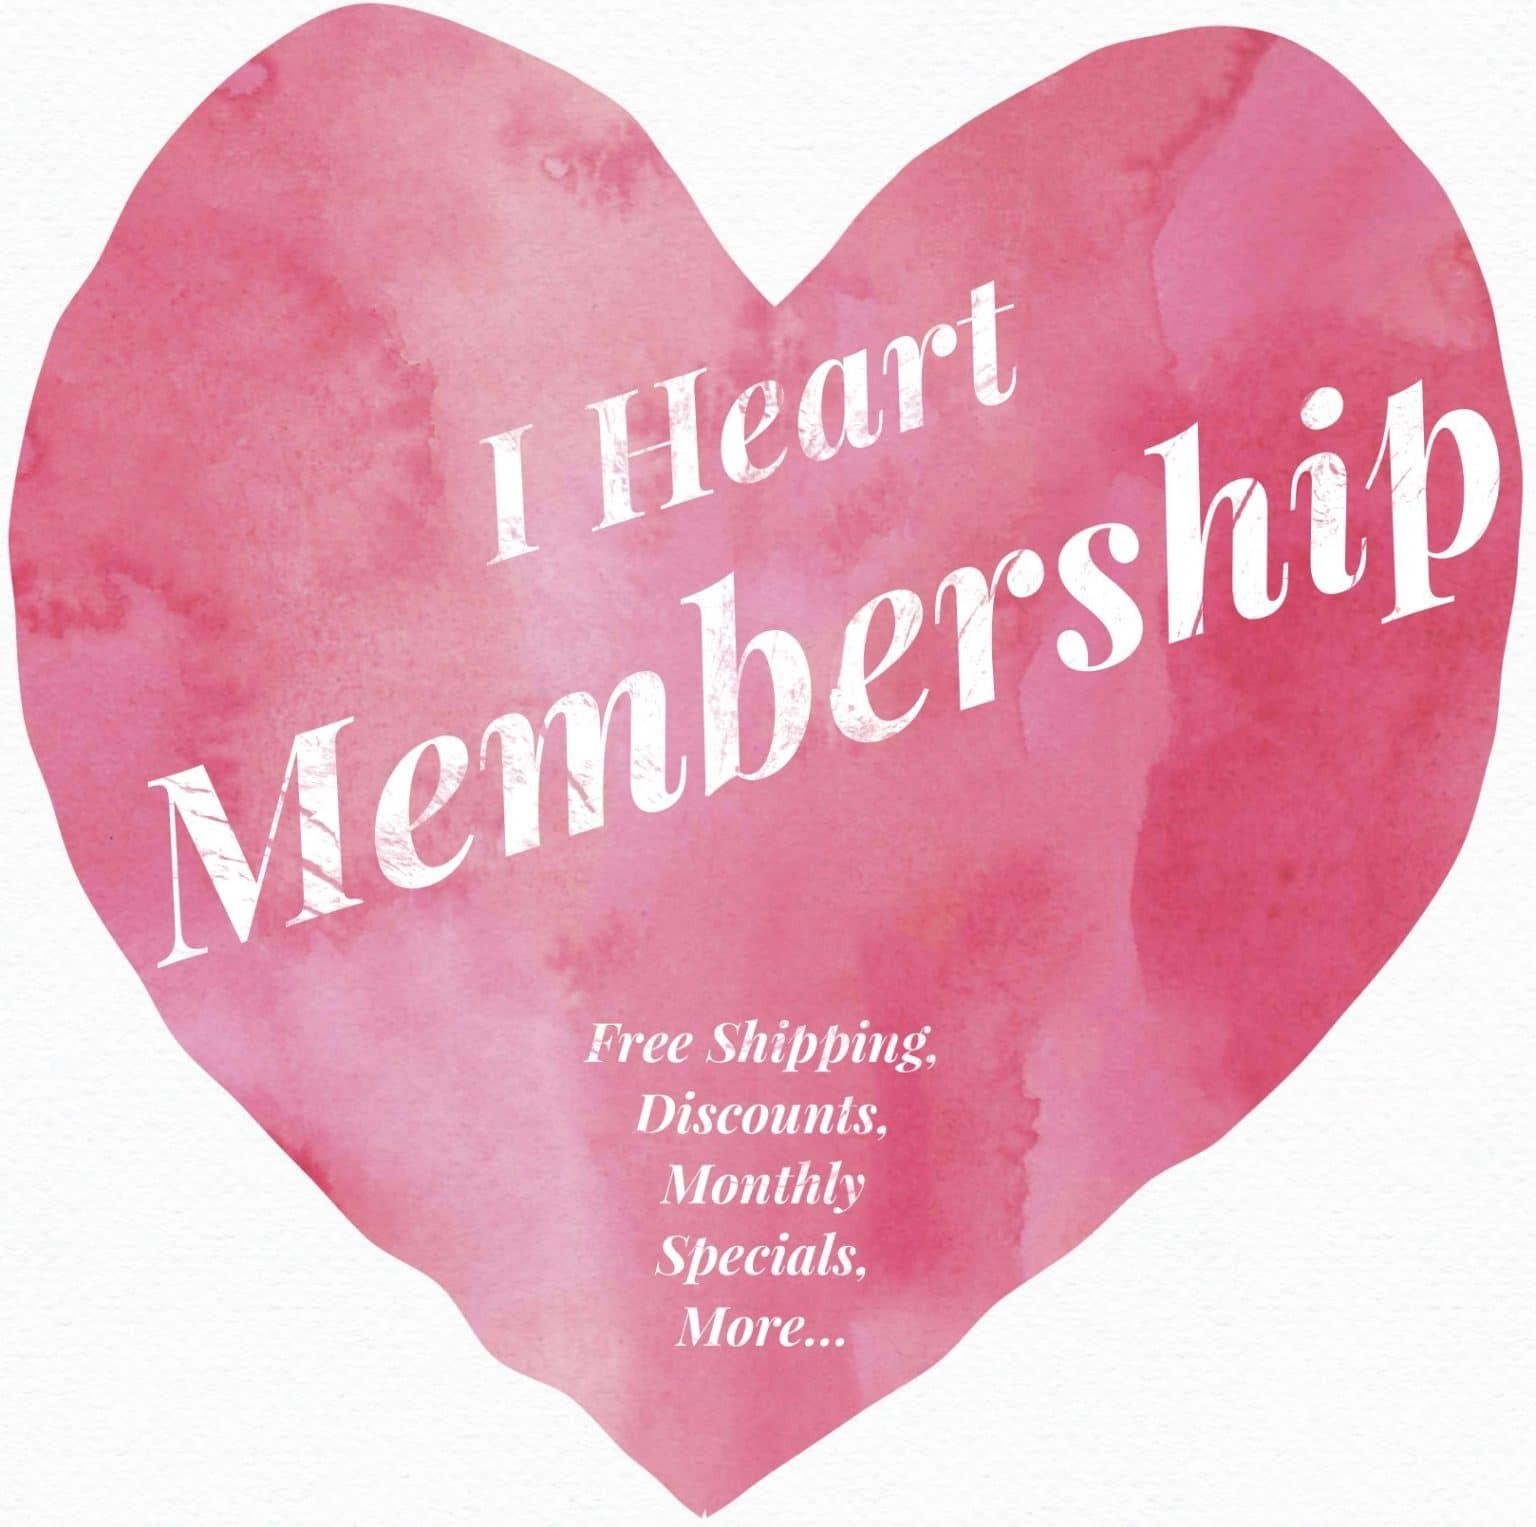 Membership heart